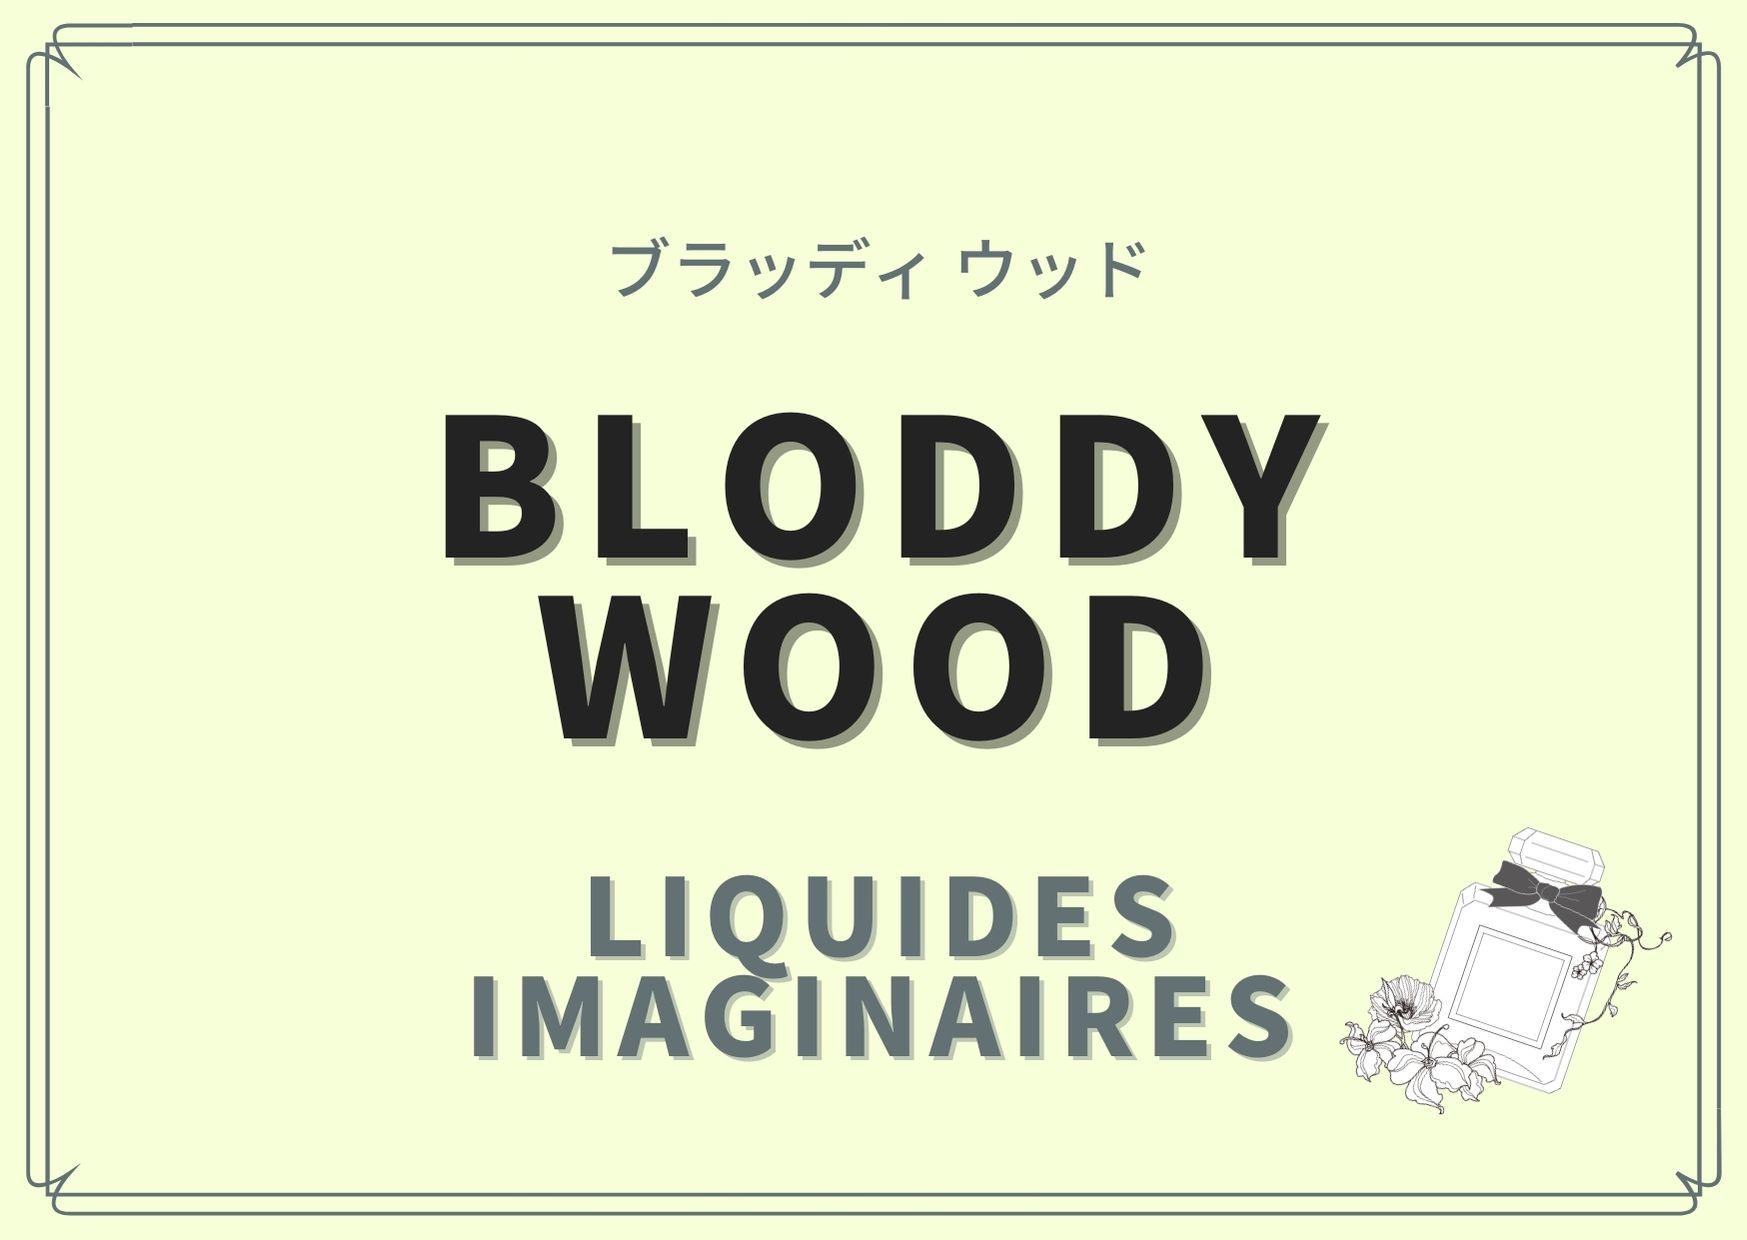 BLODDY WOOD(ブラッディ ウッド)/LIQUIDES IMAGINAIRES(リキッドイマジネール)